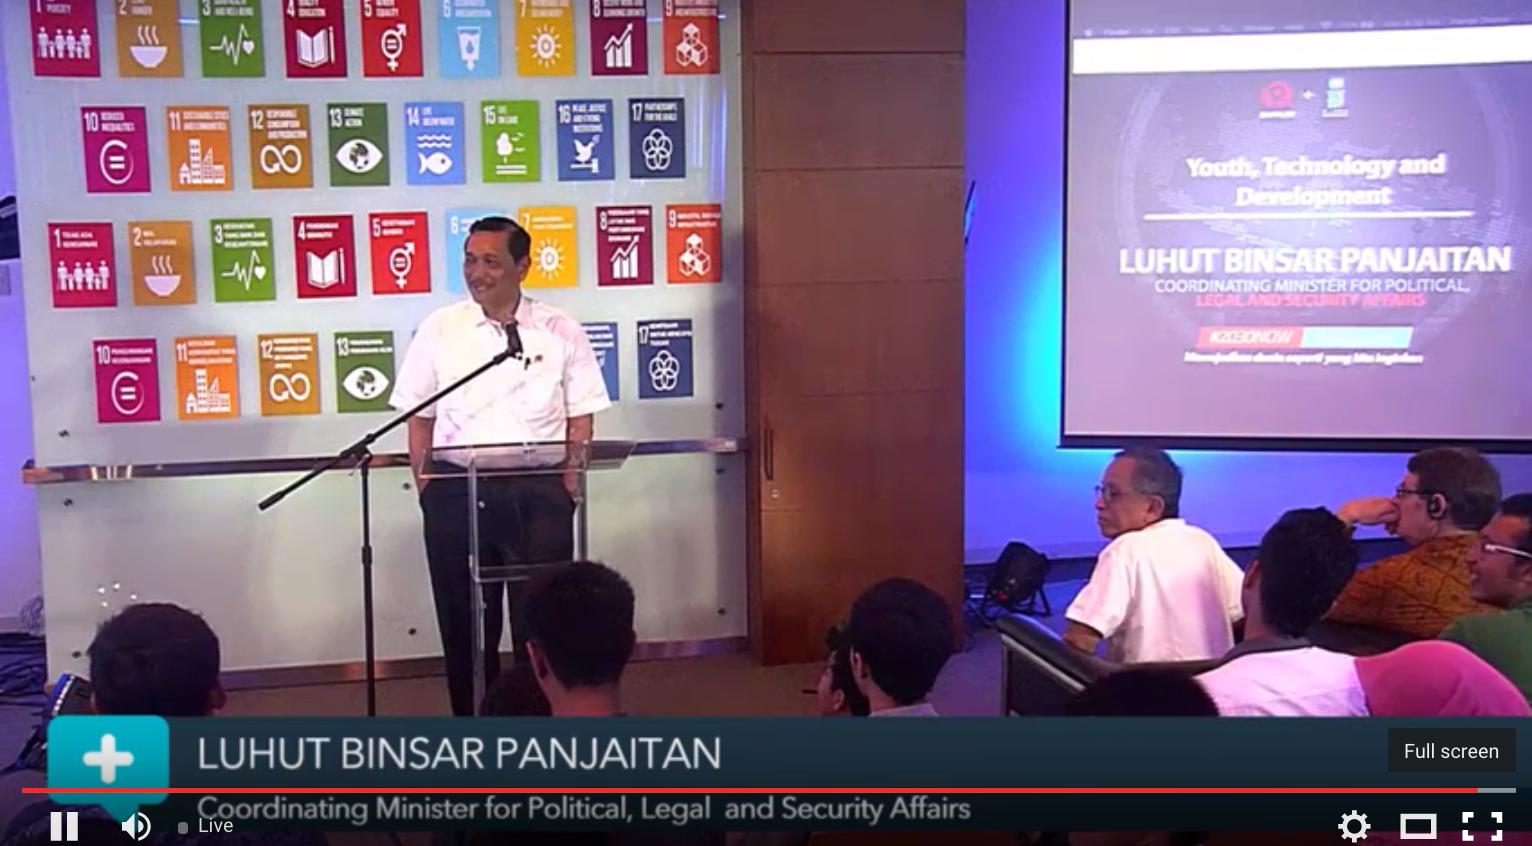 PEMBICARA. Menteri Luhut Binsar Panjaitan menjadi salah satu pembicara dalam acara ini.